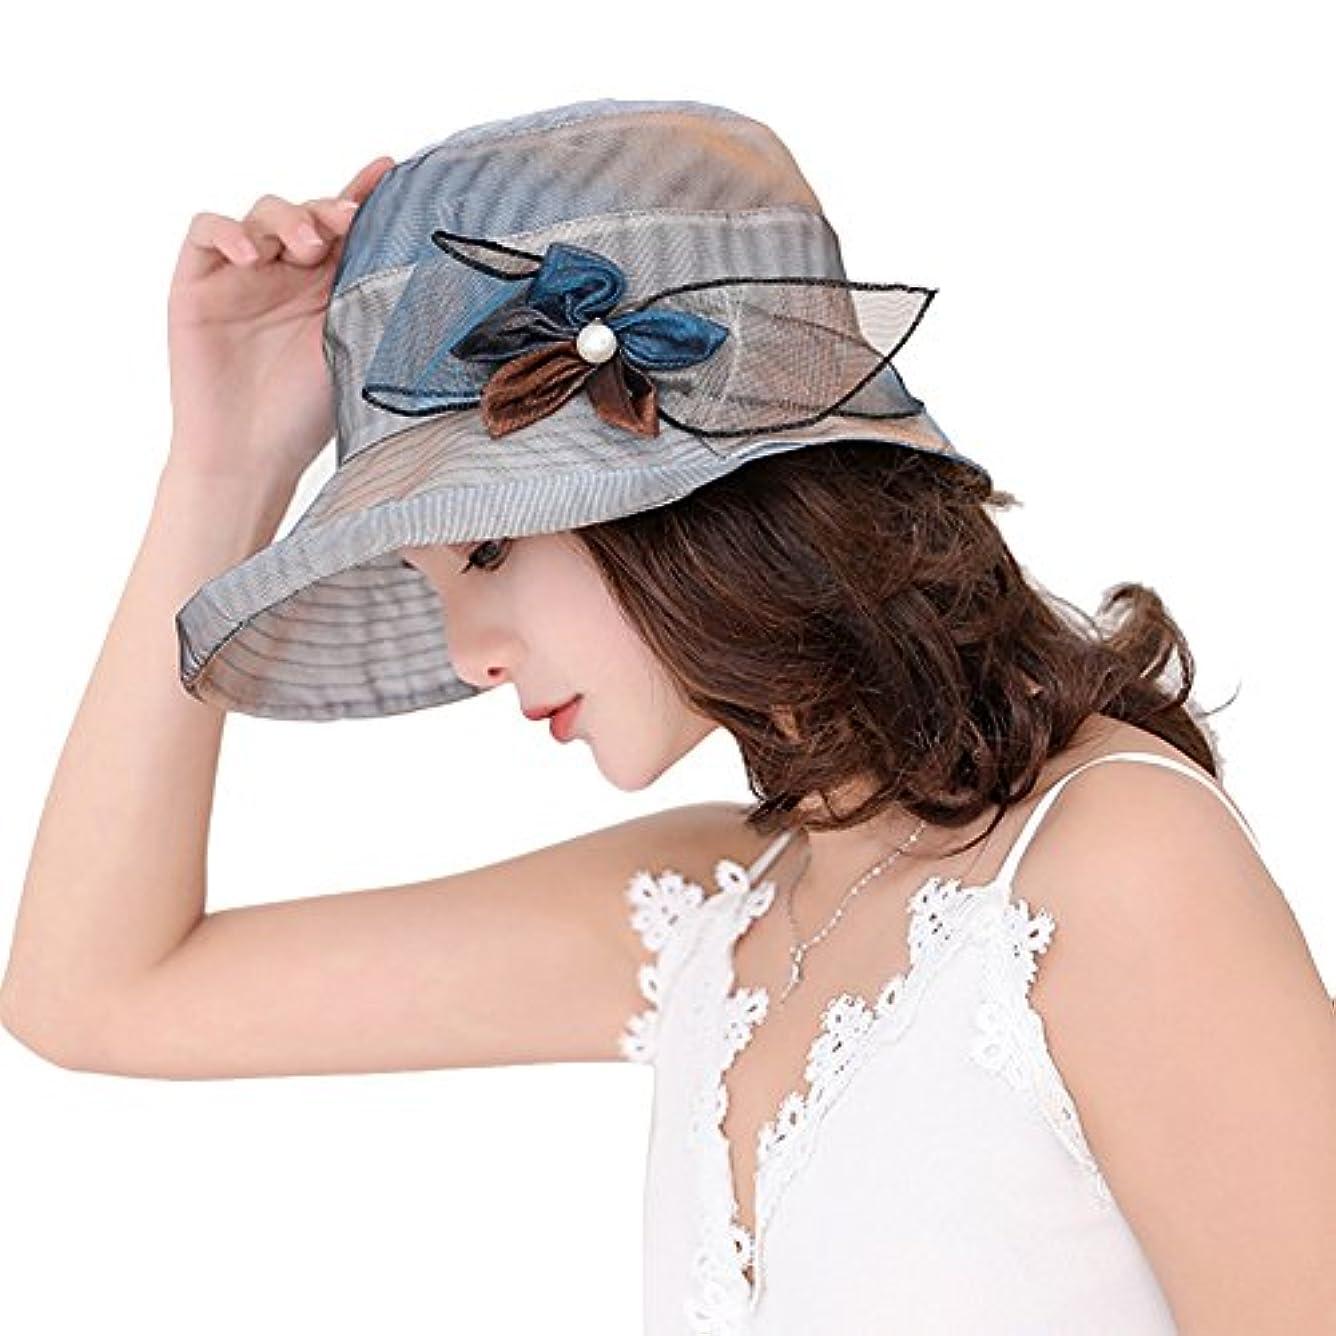 プラグおかしい硬化するレディースSunhats UPF 50 +バケット太陽帽子UV保護太陽帽子Packable夏帽子Ladies fold-up Wide Brim Roll Rimベルベットビーチサンハット調節可能内側コードスタイリッシュ56 – 58 cm旅行バケットハット